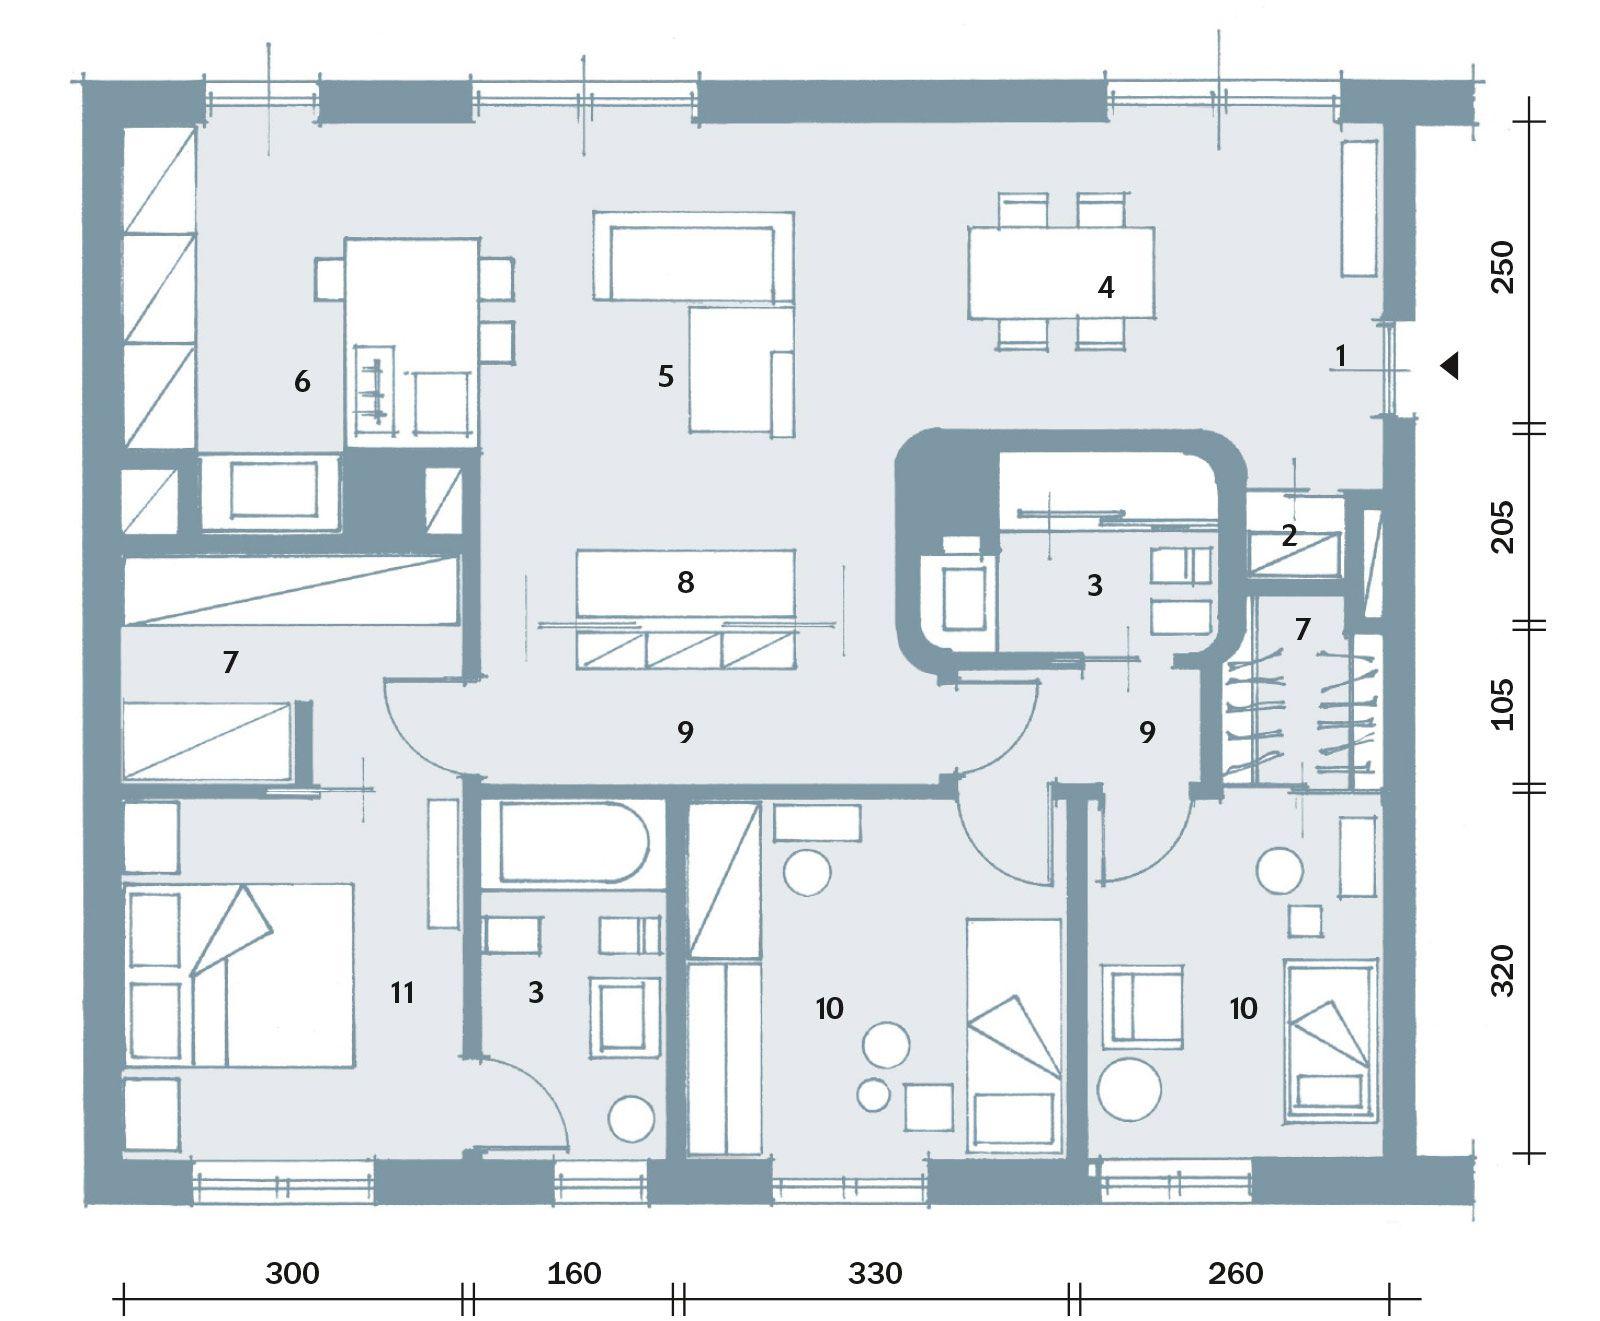 Planimetria Casa Con Misure pin su architettura